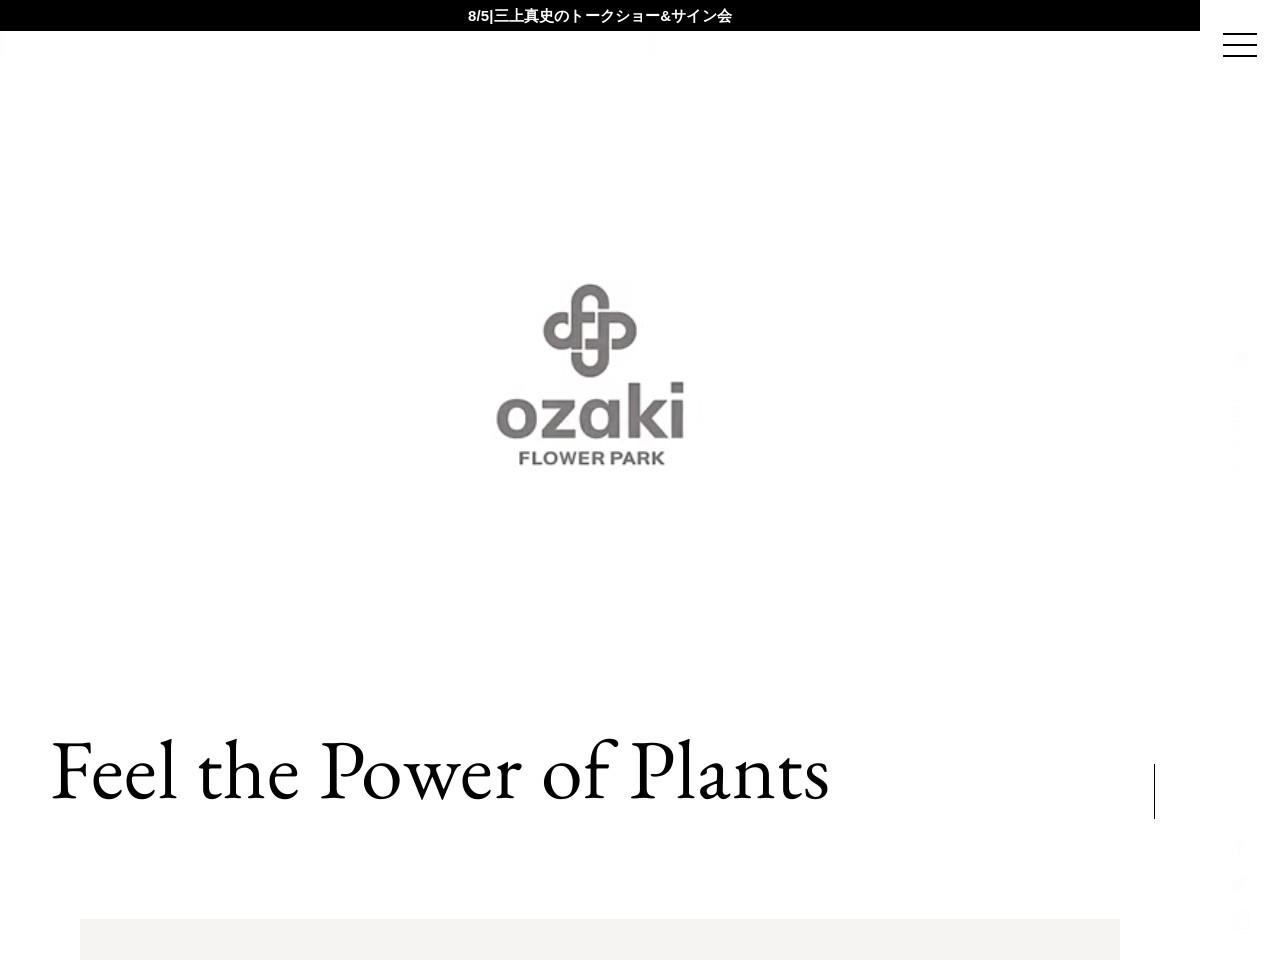 株式会社オザキフラワーパーク